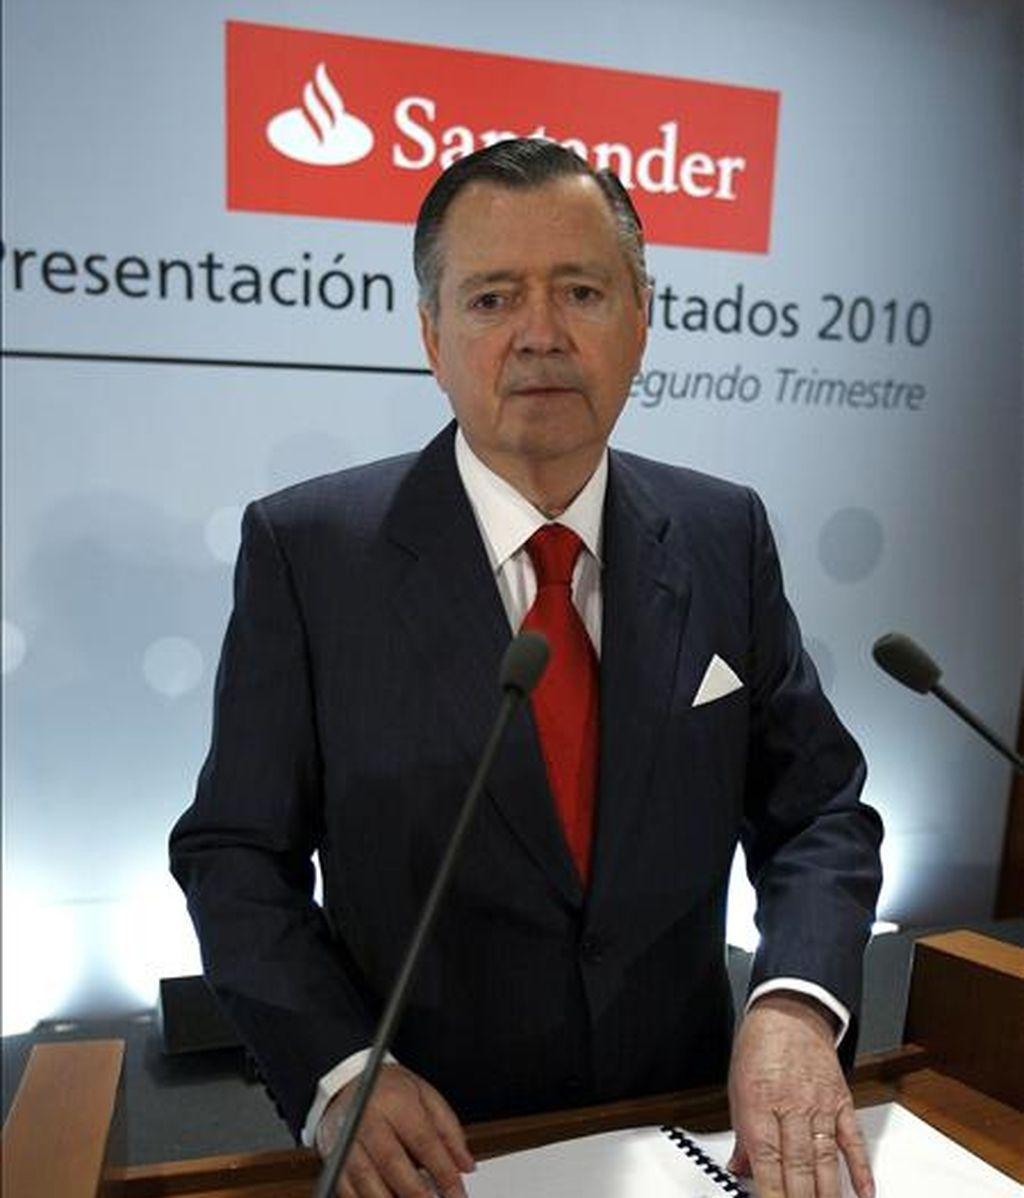 El vicepresidente y consejero delegado del Banco Santander, Alfredo Saez, durante la presentación en rueda de prensa de los resultados del primer semestre, en el que la entidad financiera ha ganado 4.445 millones de euros, un 1,6% menos que en el mismo perido de 2009. EFE